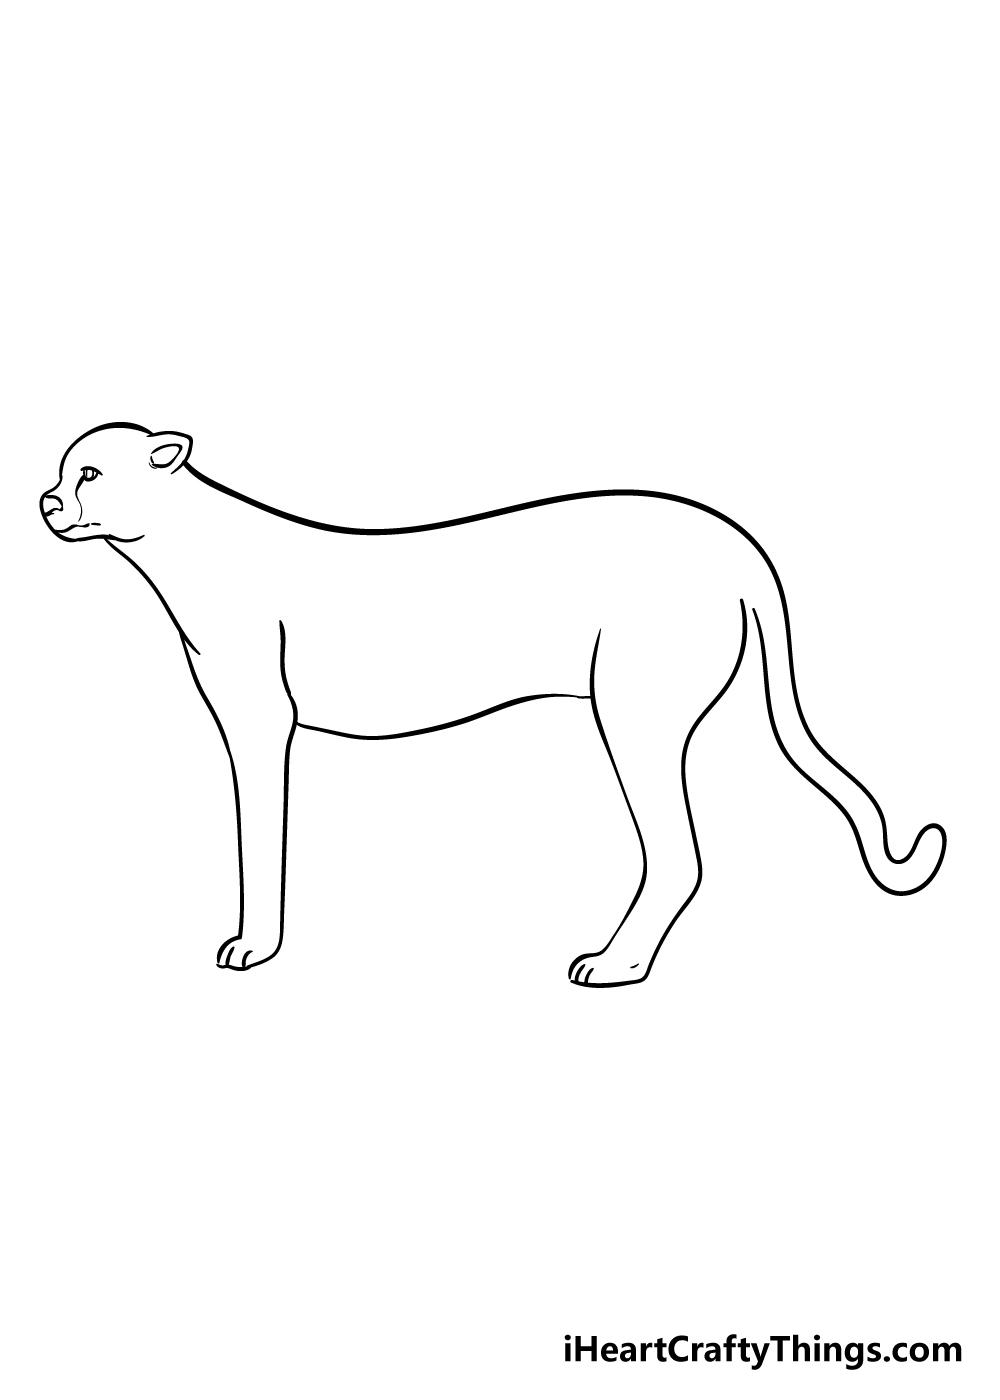 cheetah drawing step 6